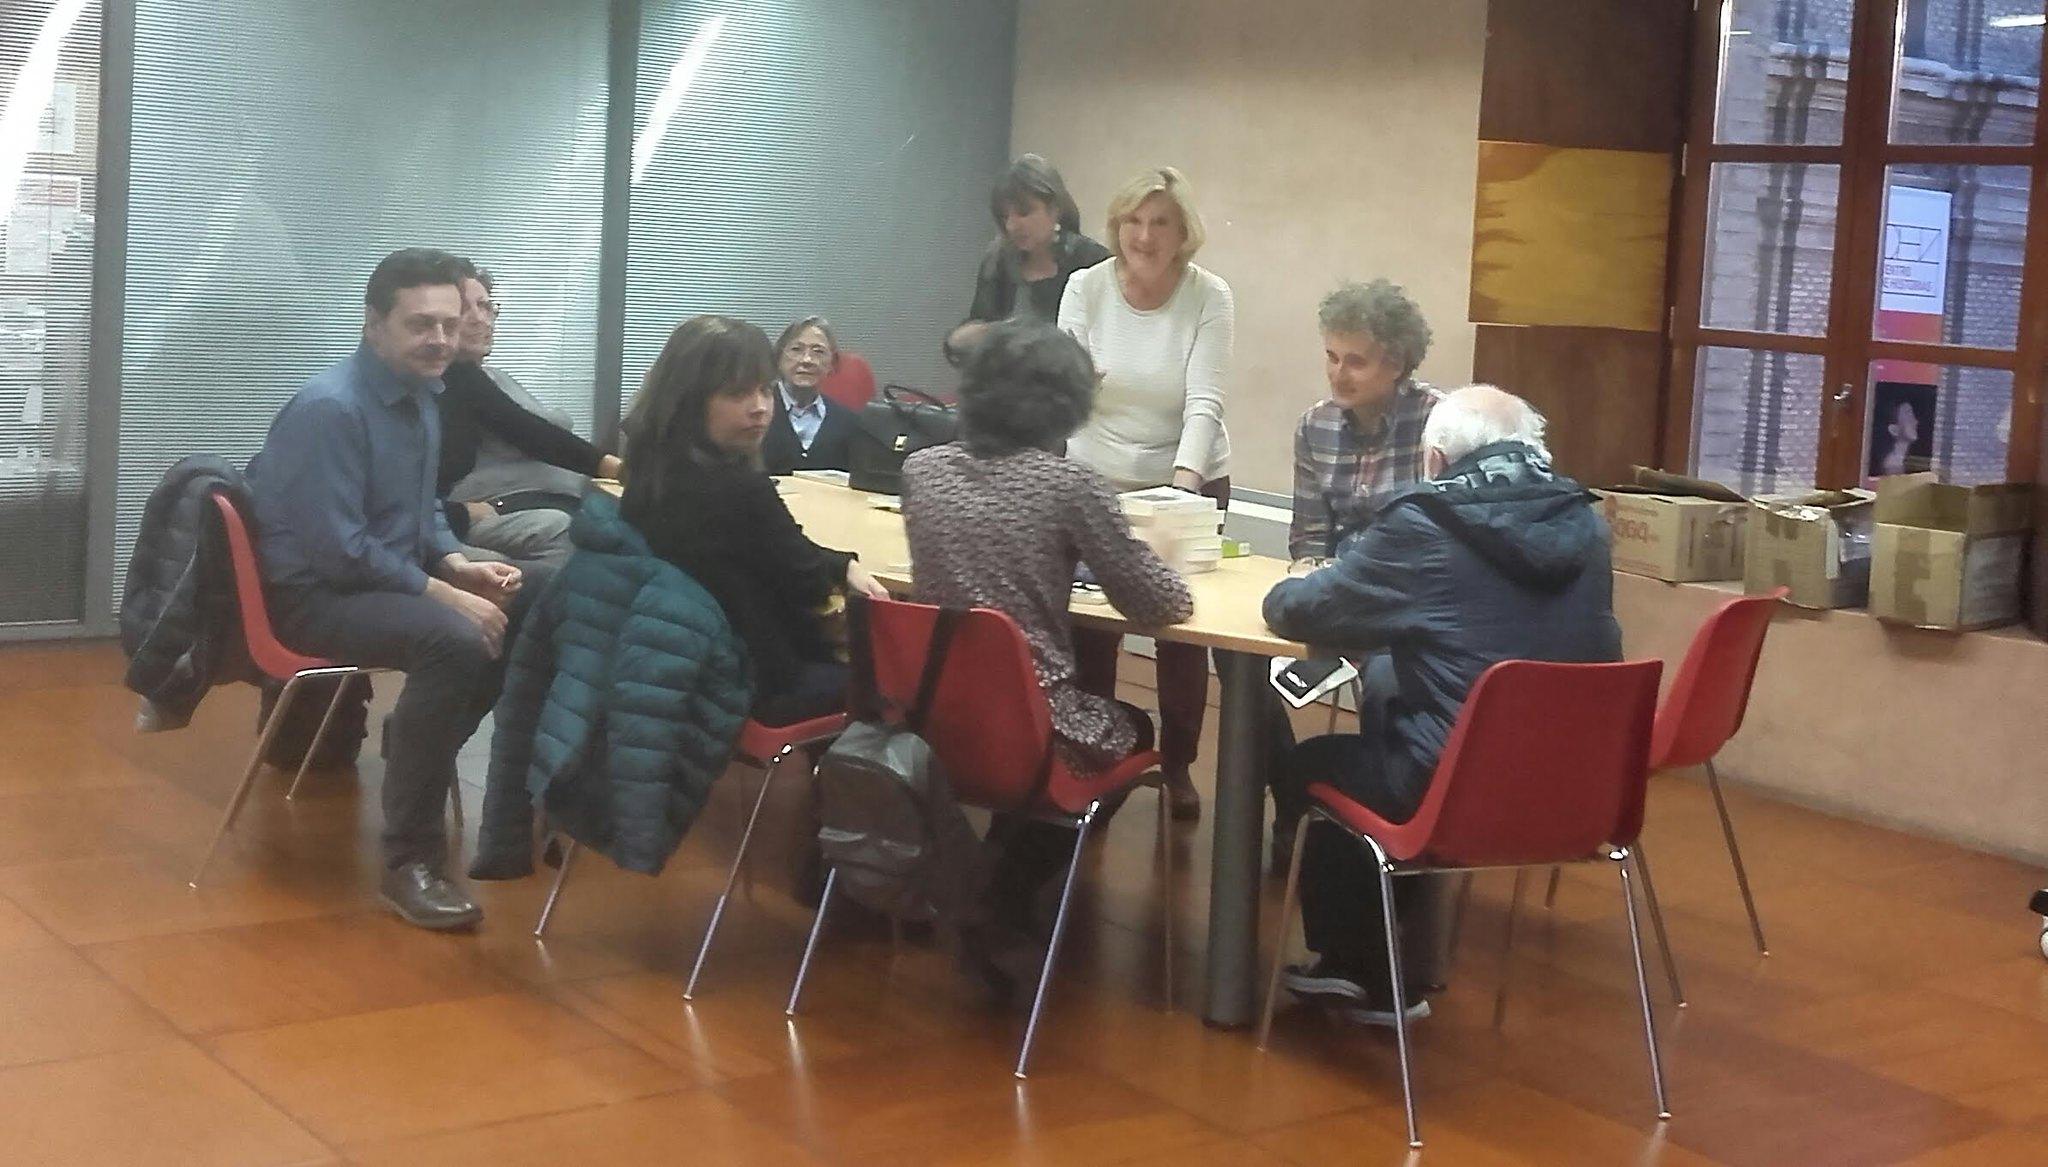 Club de lectura de la biblioteca María Moliner. Fotografía: Myriam Guimbao.